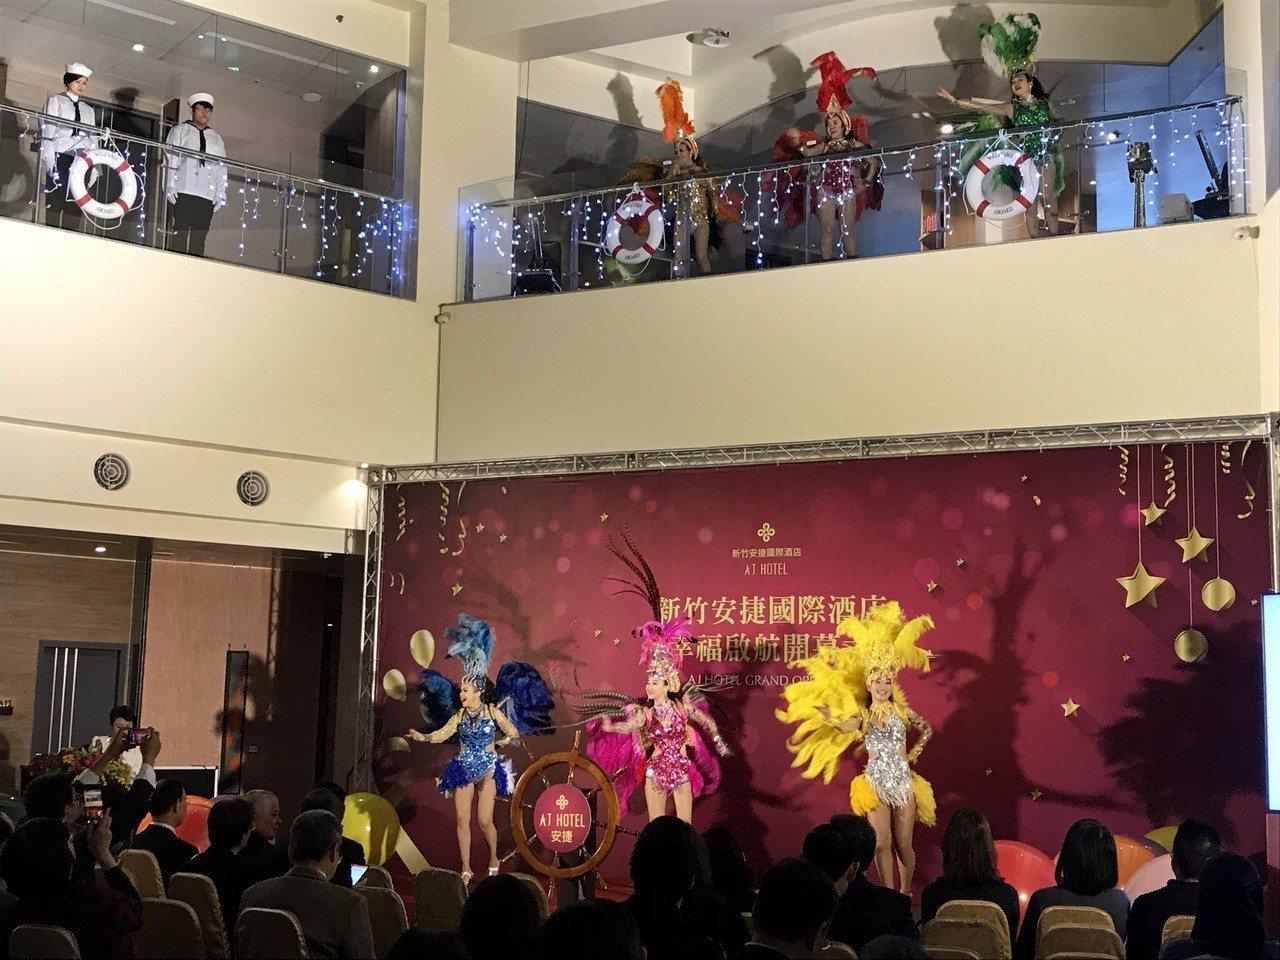 新竹安捷國際酒店今(18)日盛大開幕。 記者李珣瑛/攝影